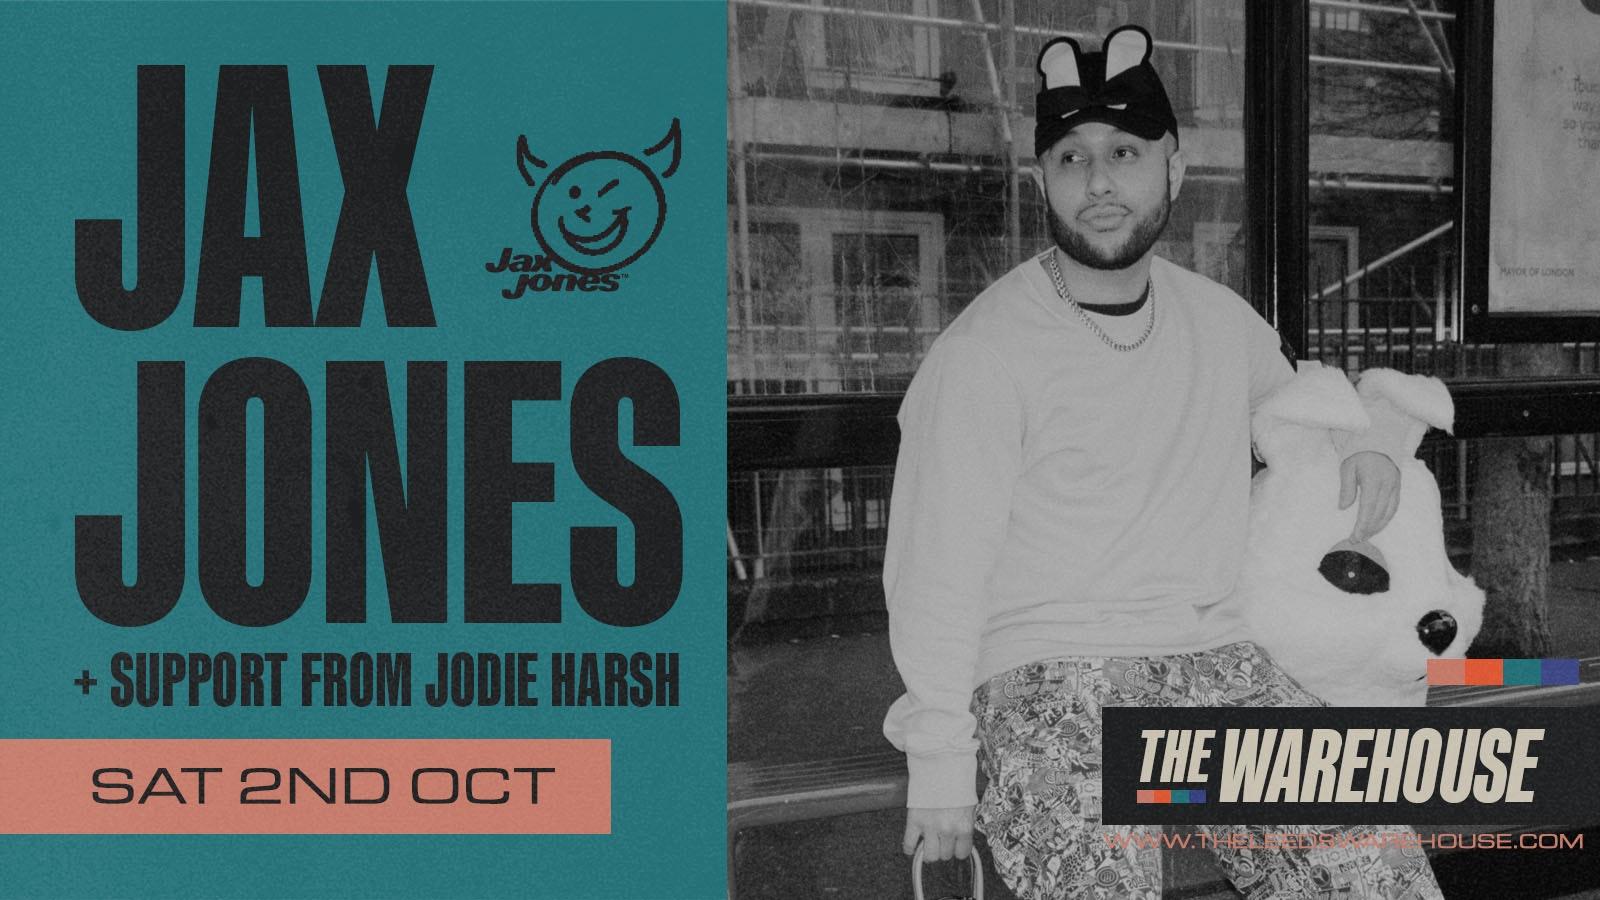 Jax Jones – Club